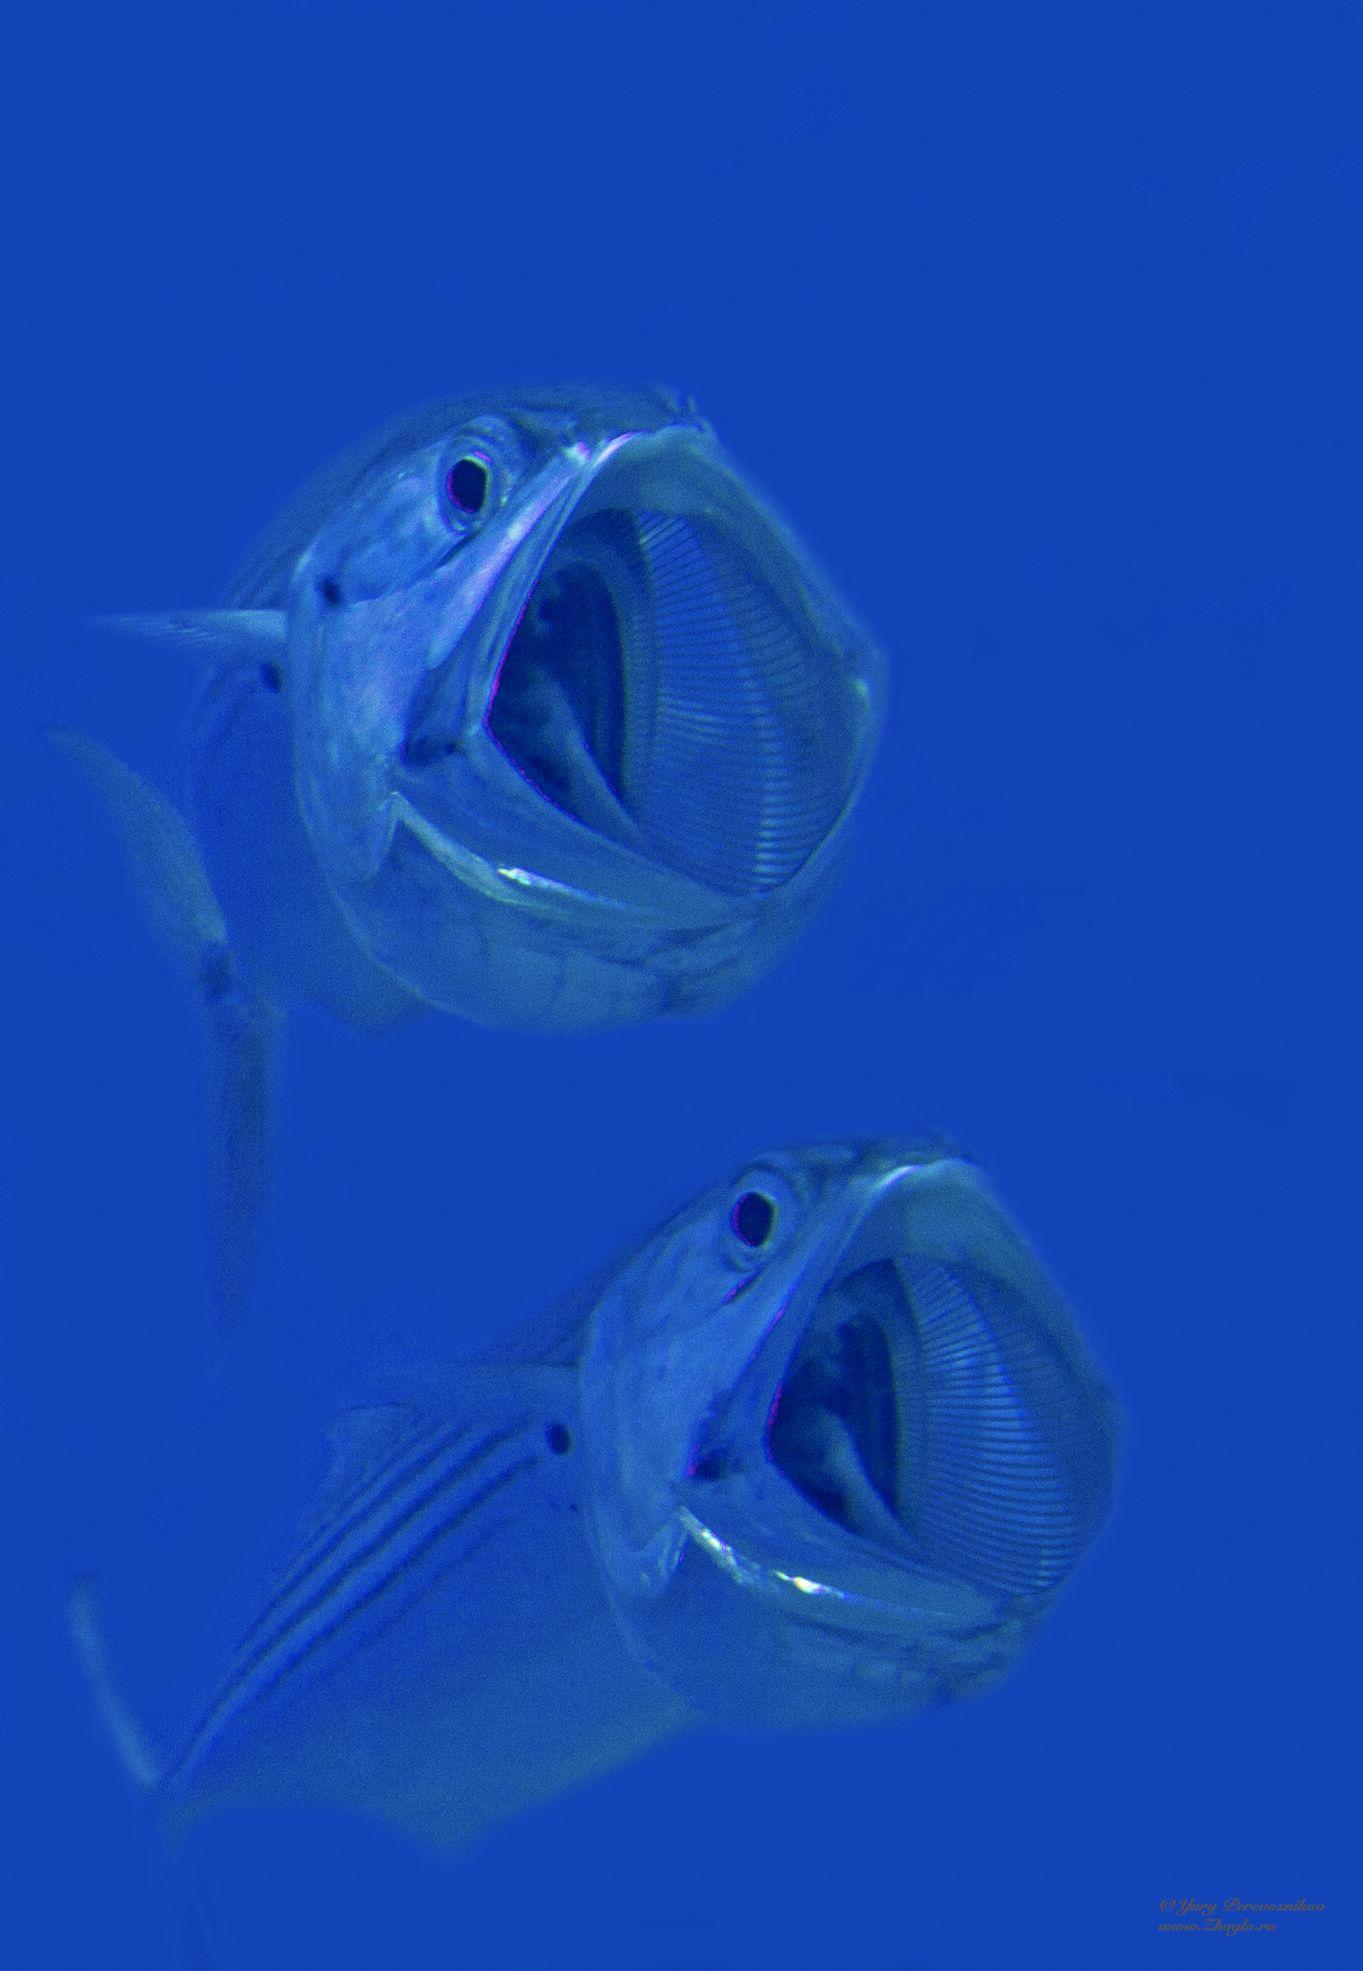 подводный мир дайвинг дайвинг сафари египет хургада обучение дайвингу zhoglo  красное море, Перевозников Юрий